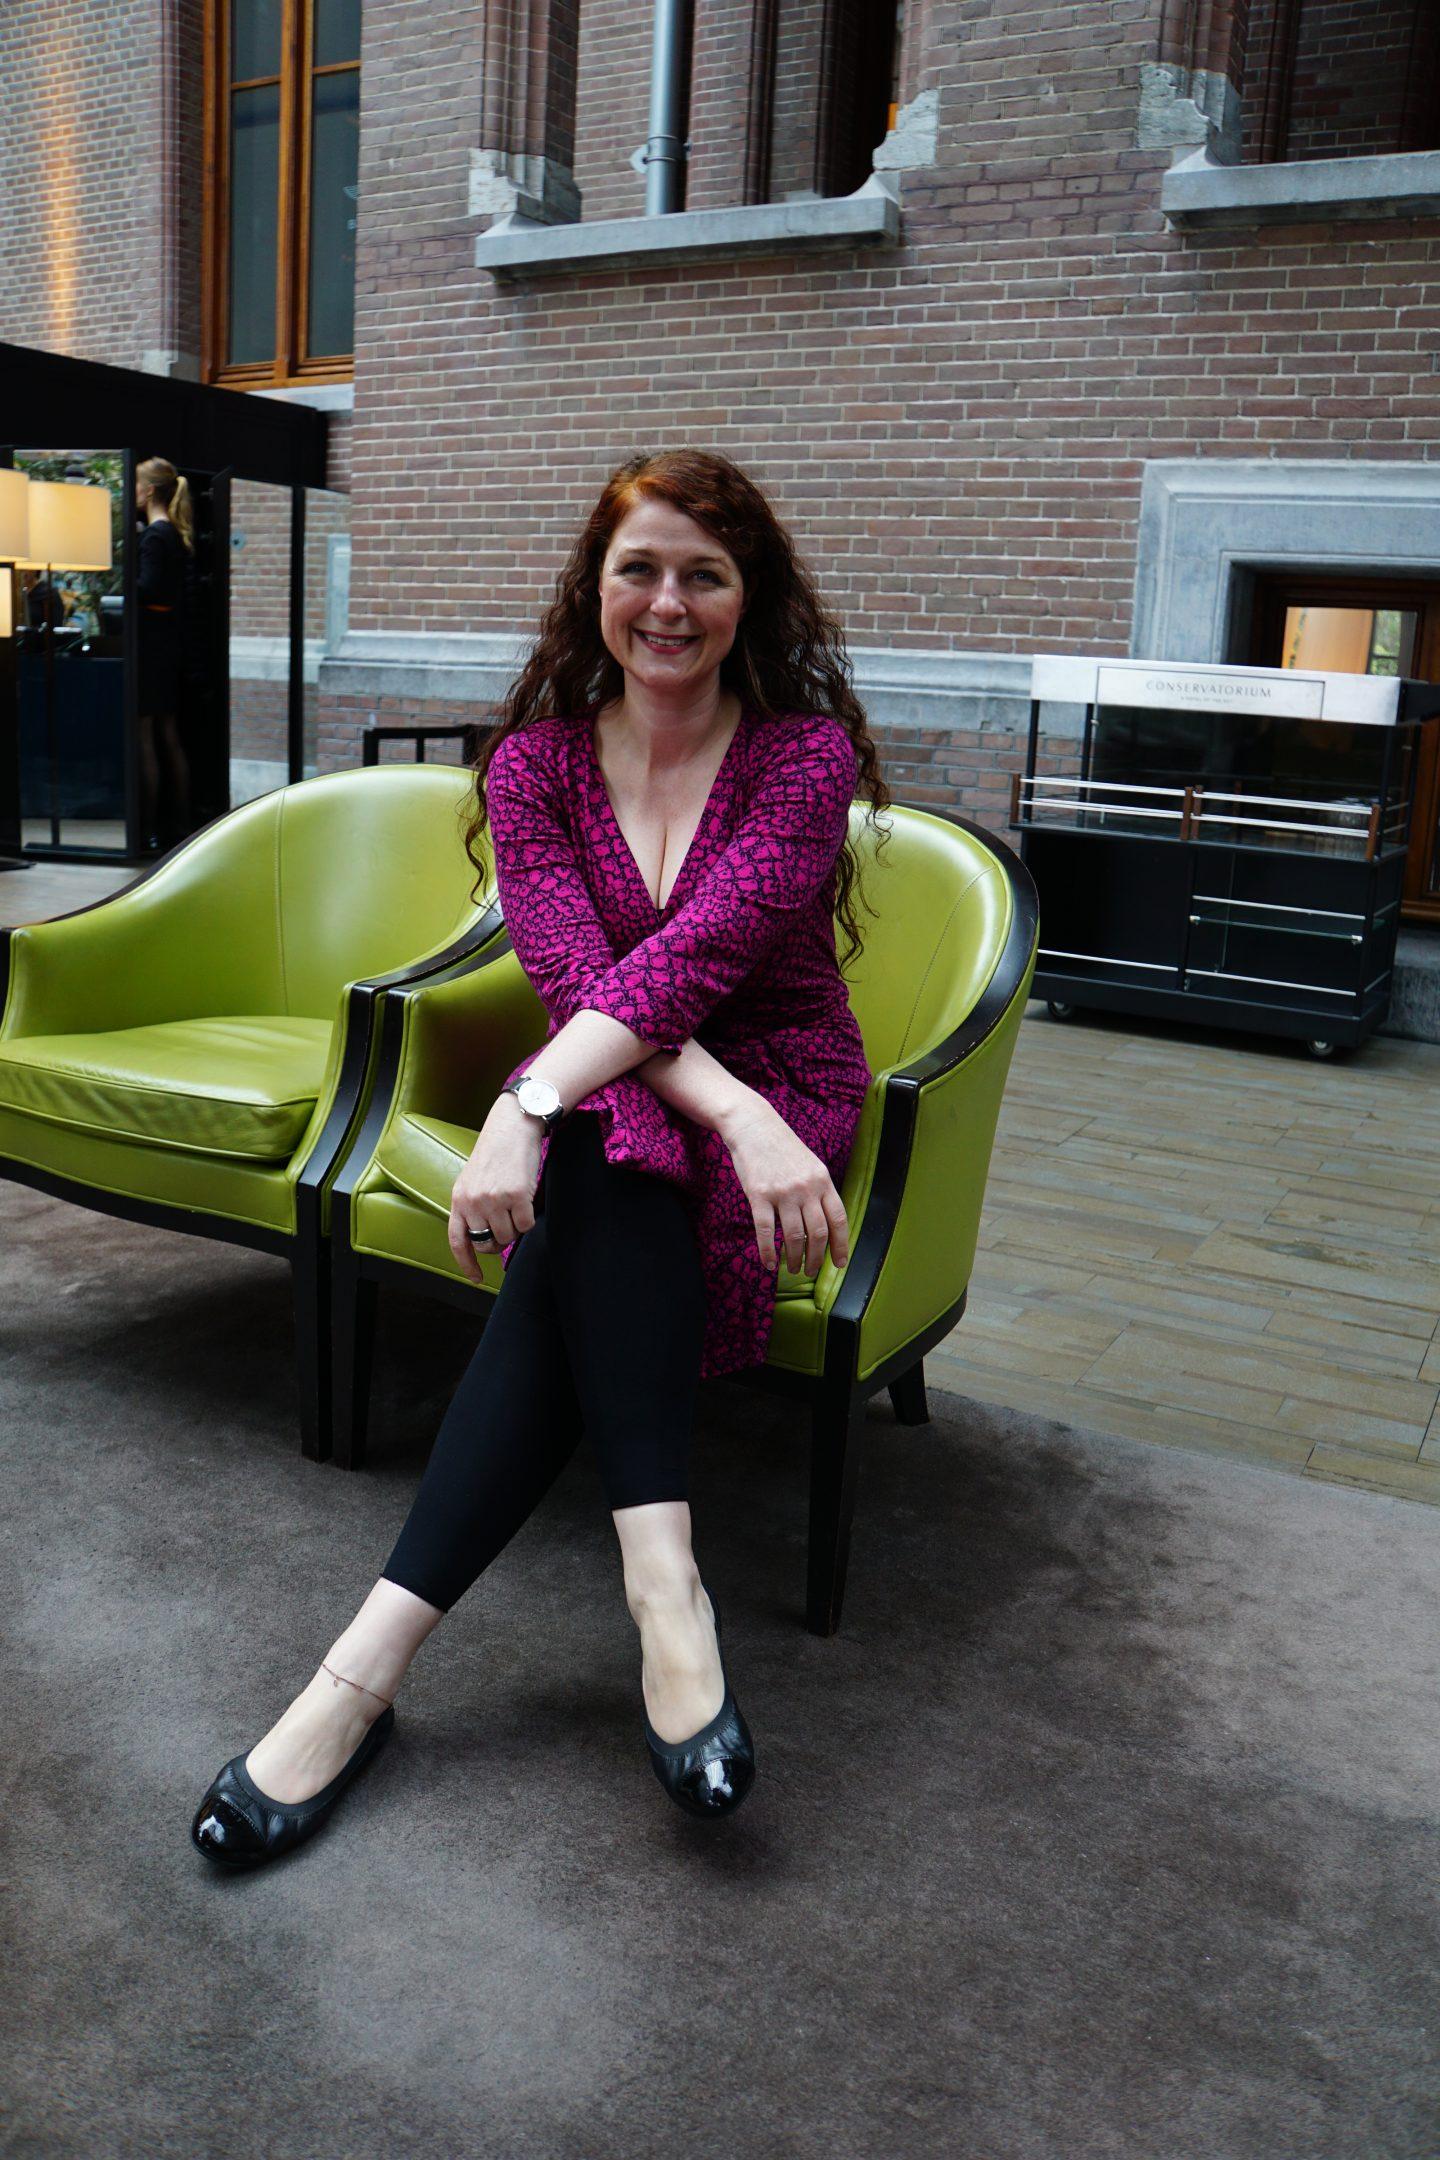 DvF wrap dress Diane von Fürstenberg Wickelkleid Styling Tipps für Frauen über 40 Ü40 Modeblog iknmlo